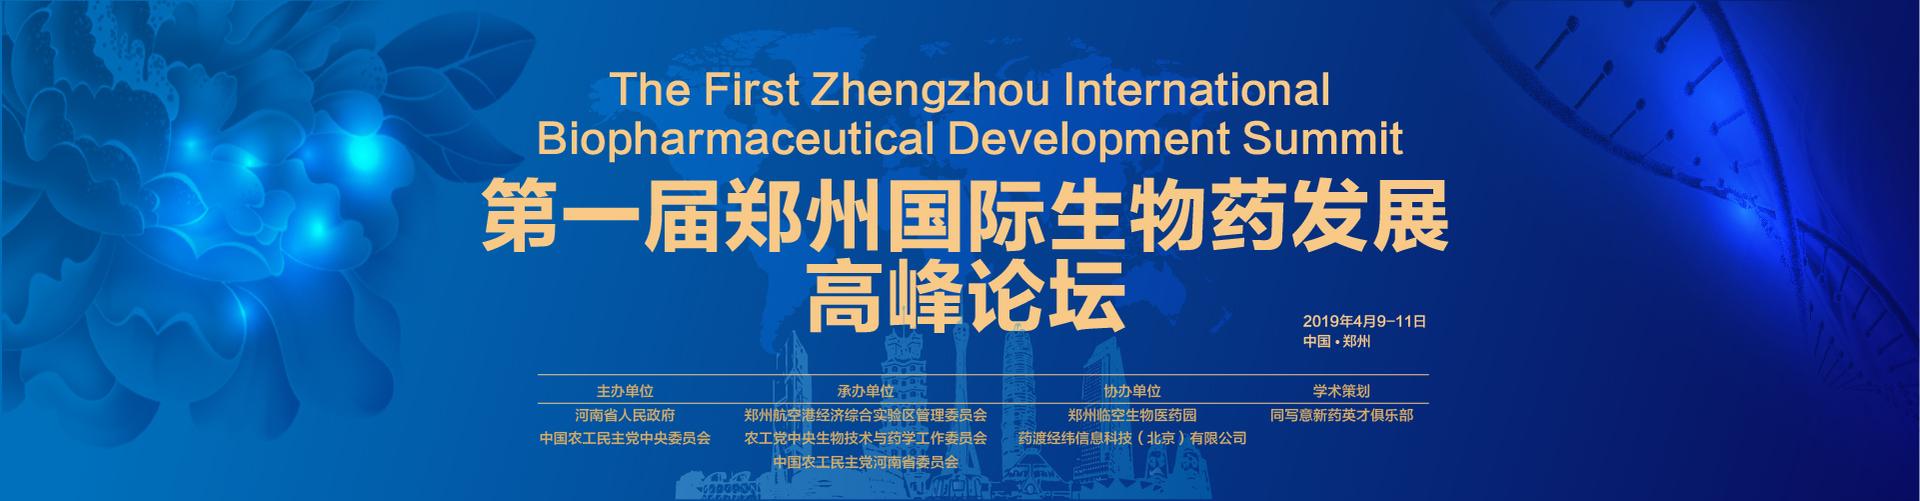 同写意论坛第89期活动-第一届郑州国际生物药发展高峰论坛